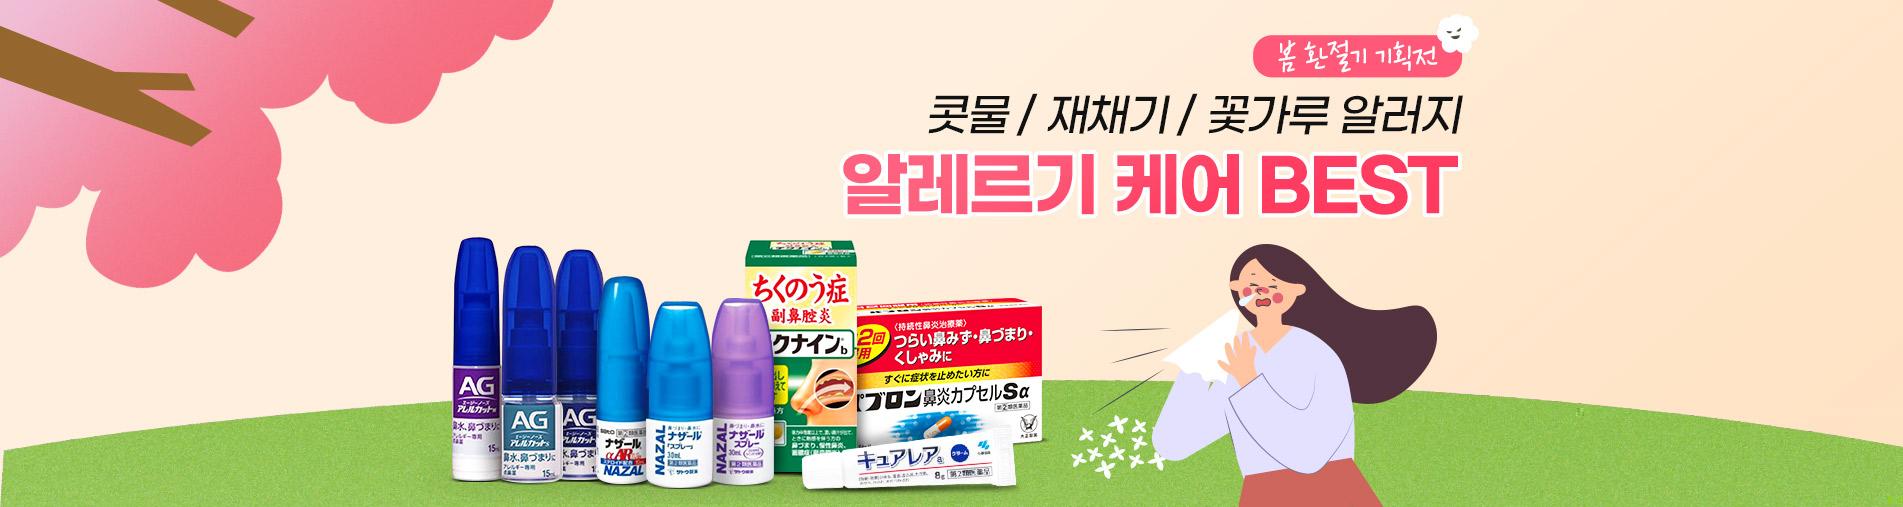 봄 환절기 기획전_PC